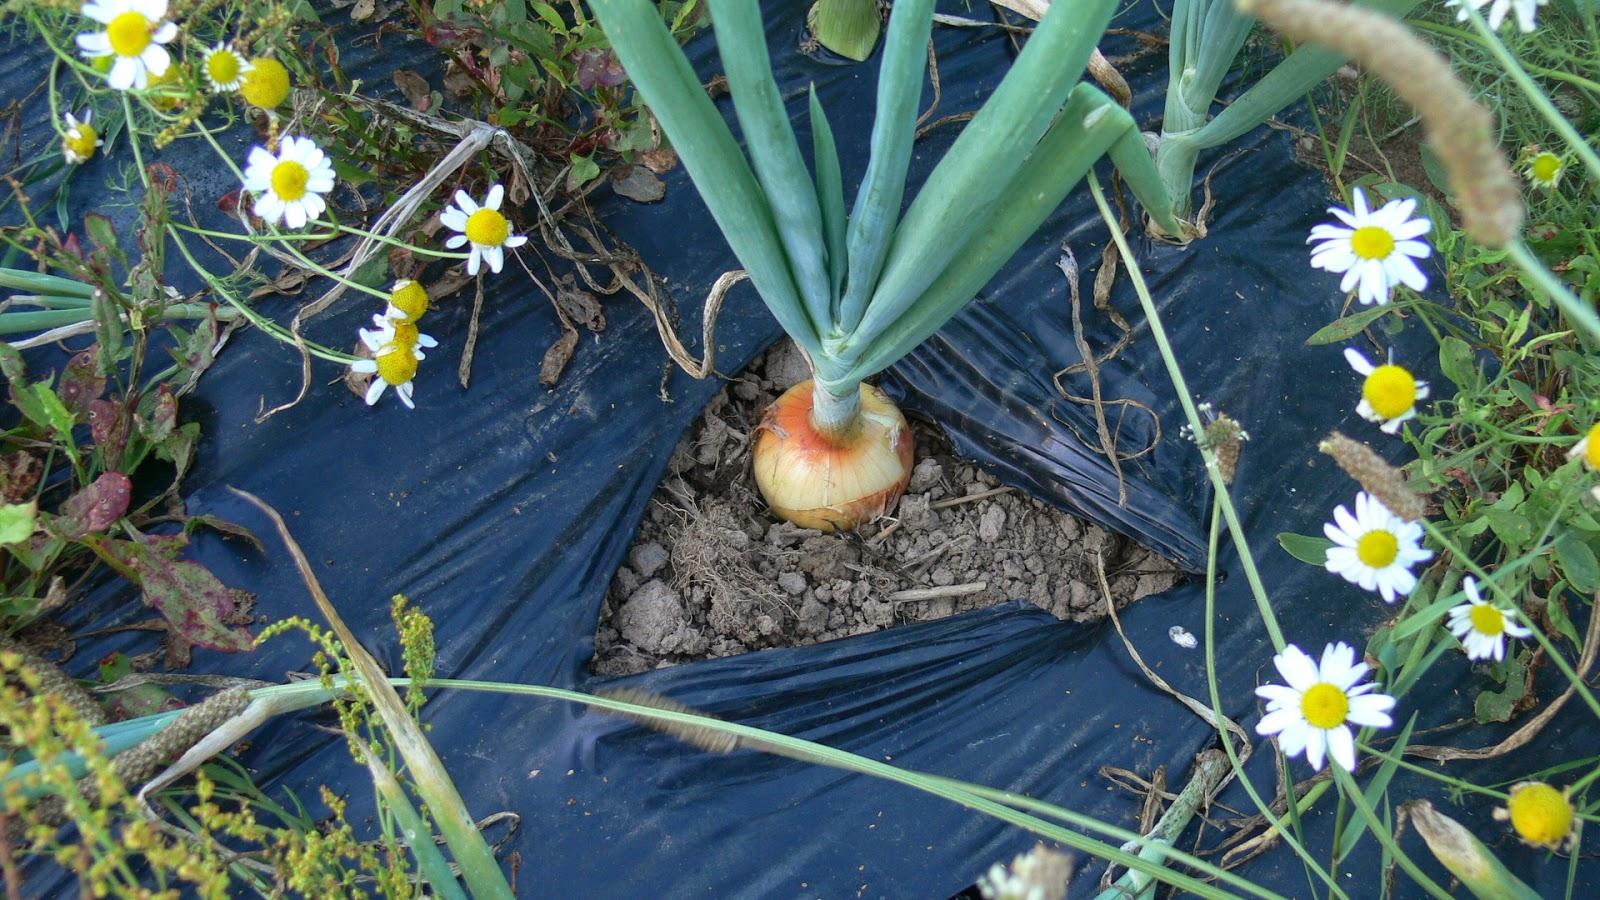 légumes qu on récolte au primptemps